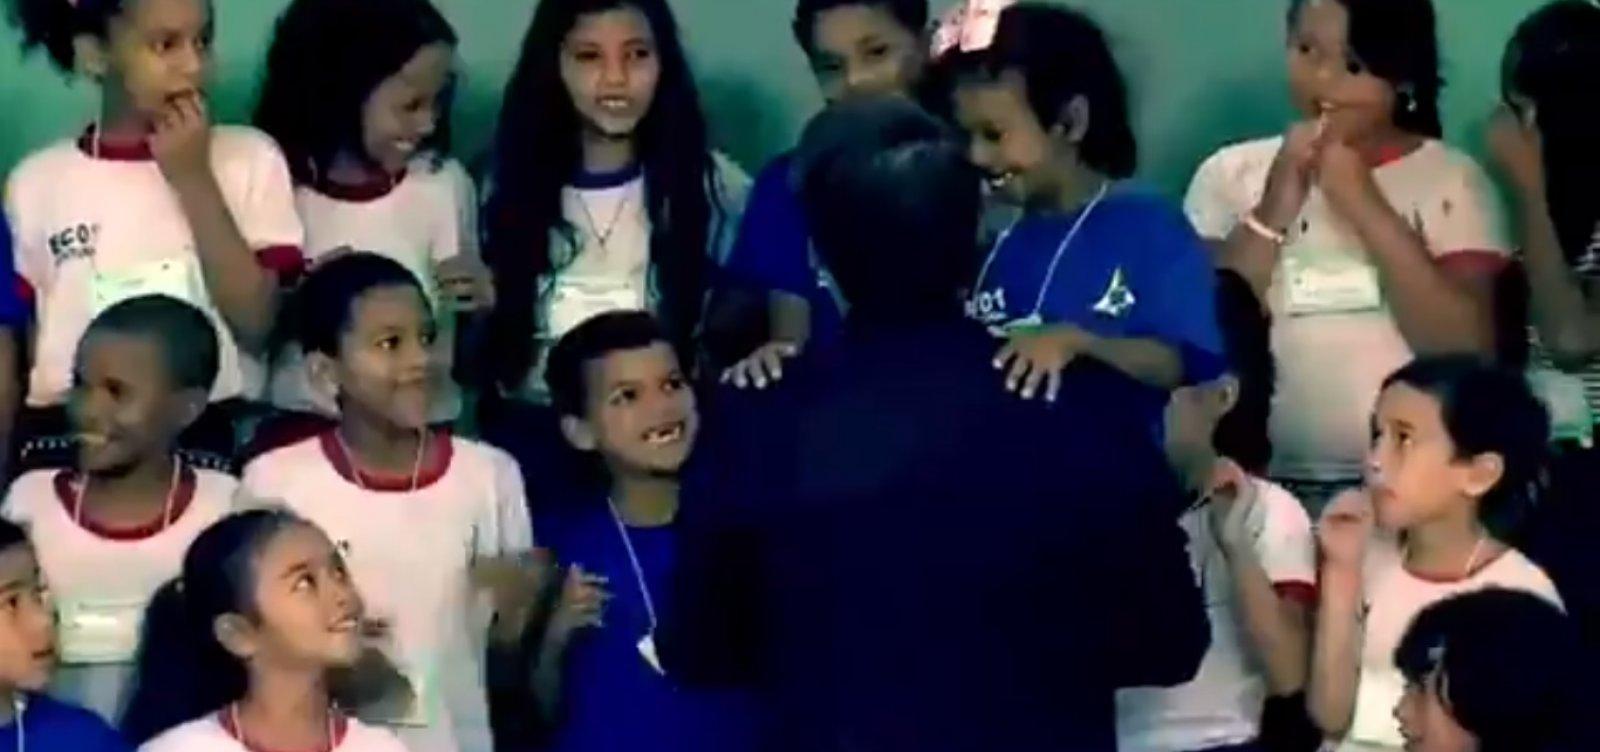 [Criança se recusa a cumprimentar Bolsonaro e imagem viraliza]